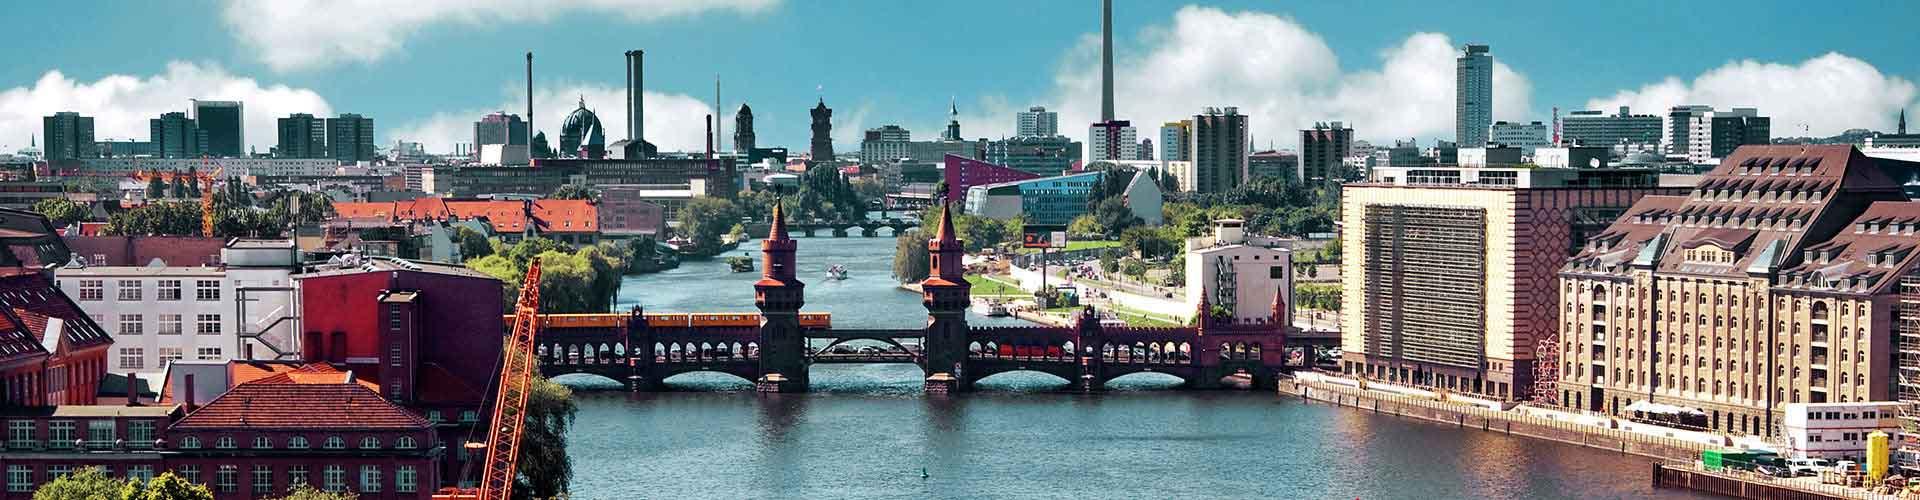 베를린 - Kreuzberg지역에 위치한 호텔. 베를린의 지도, 베를린에 위치한 호텔에 대한 사진 및 리뷰.